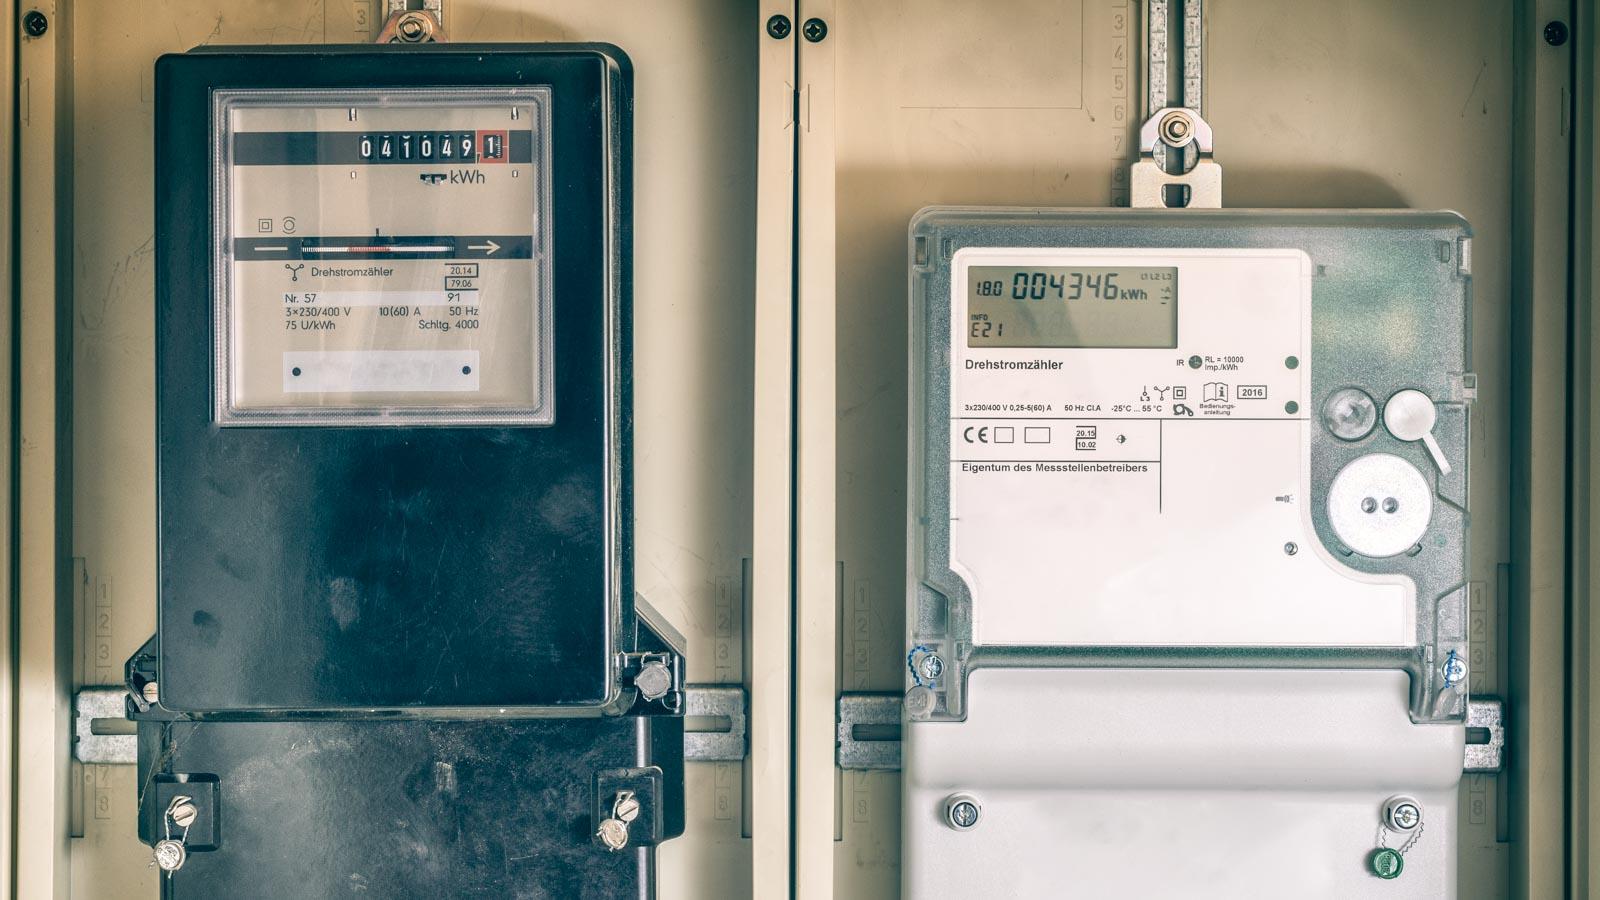 Aufnahme eines alten und eines modernen Stromzählers nebeneinander